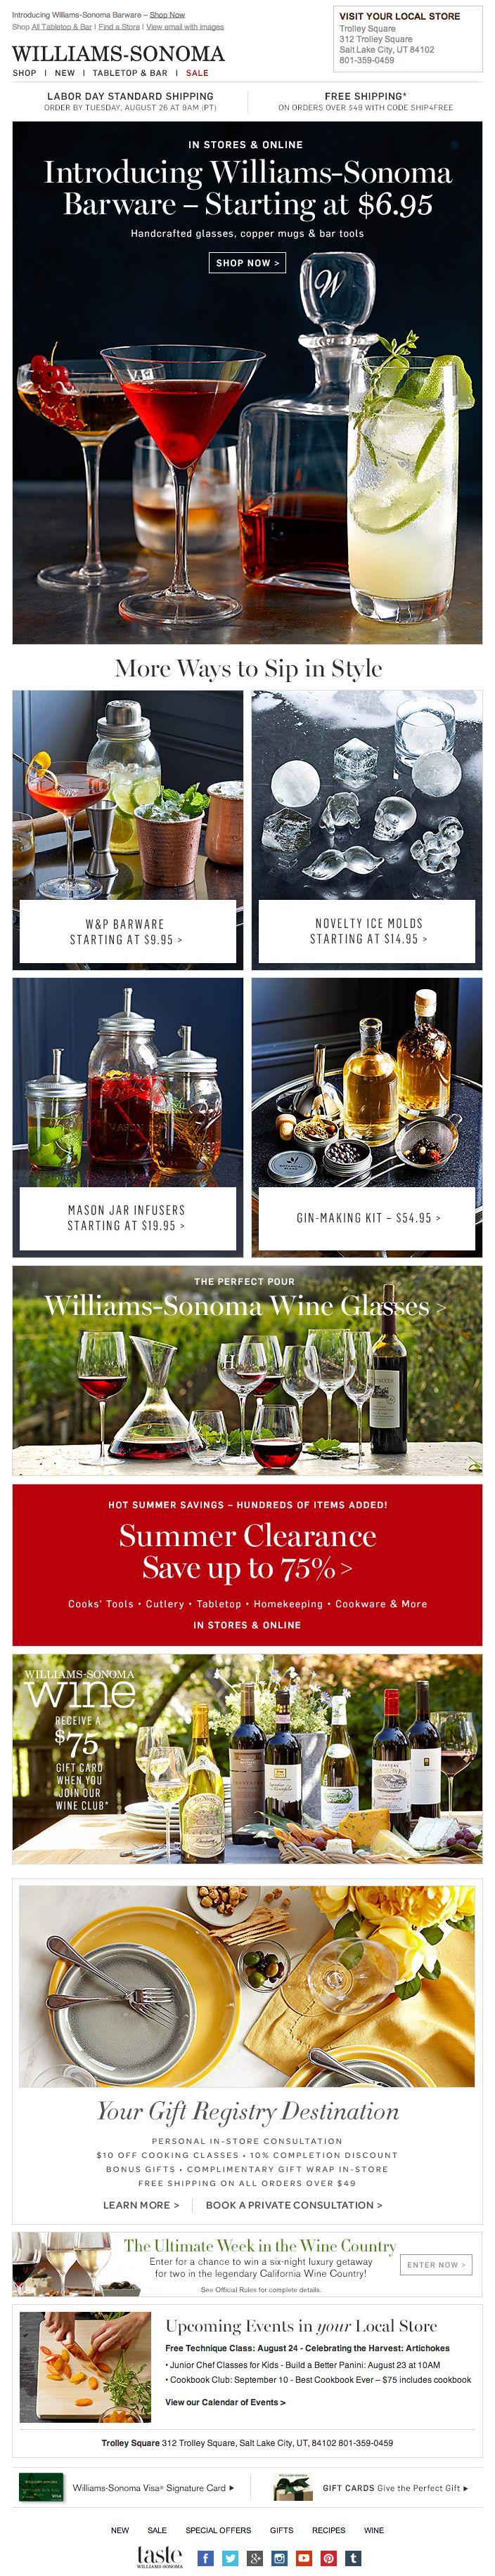 Small Of William Sonoma Registry